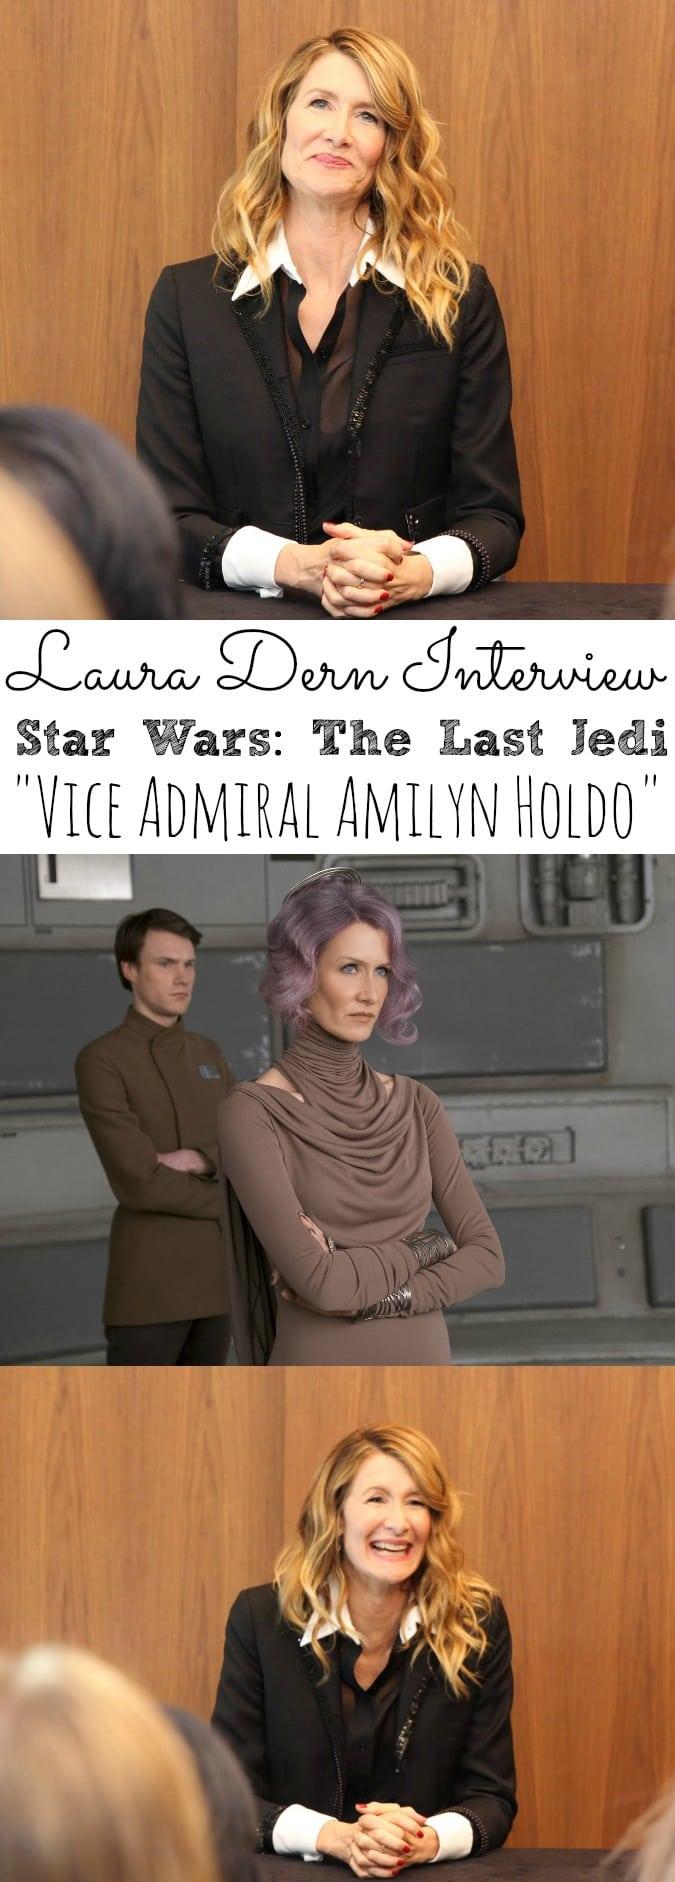 Laura Dern Interview Star Wars: The Last Jedi